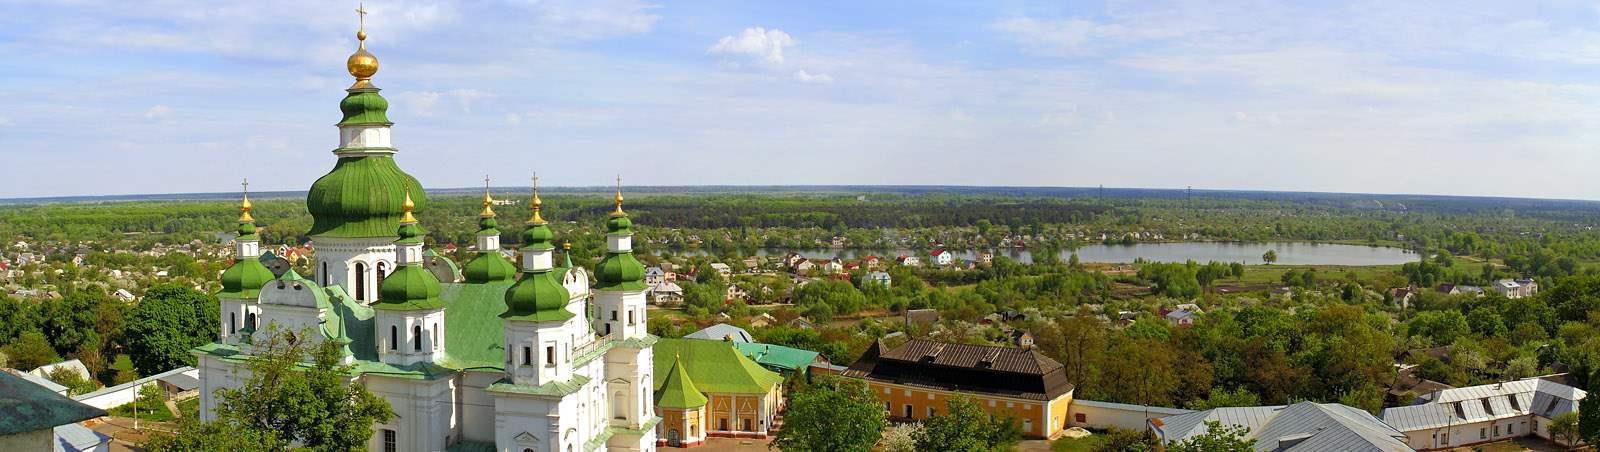 Ukraine_view_2